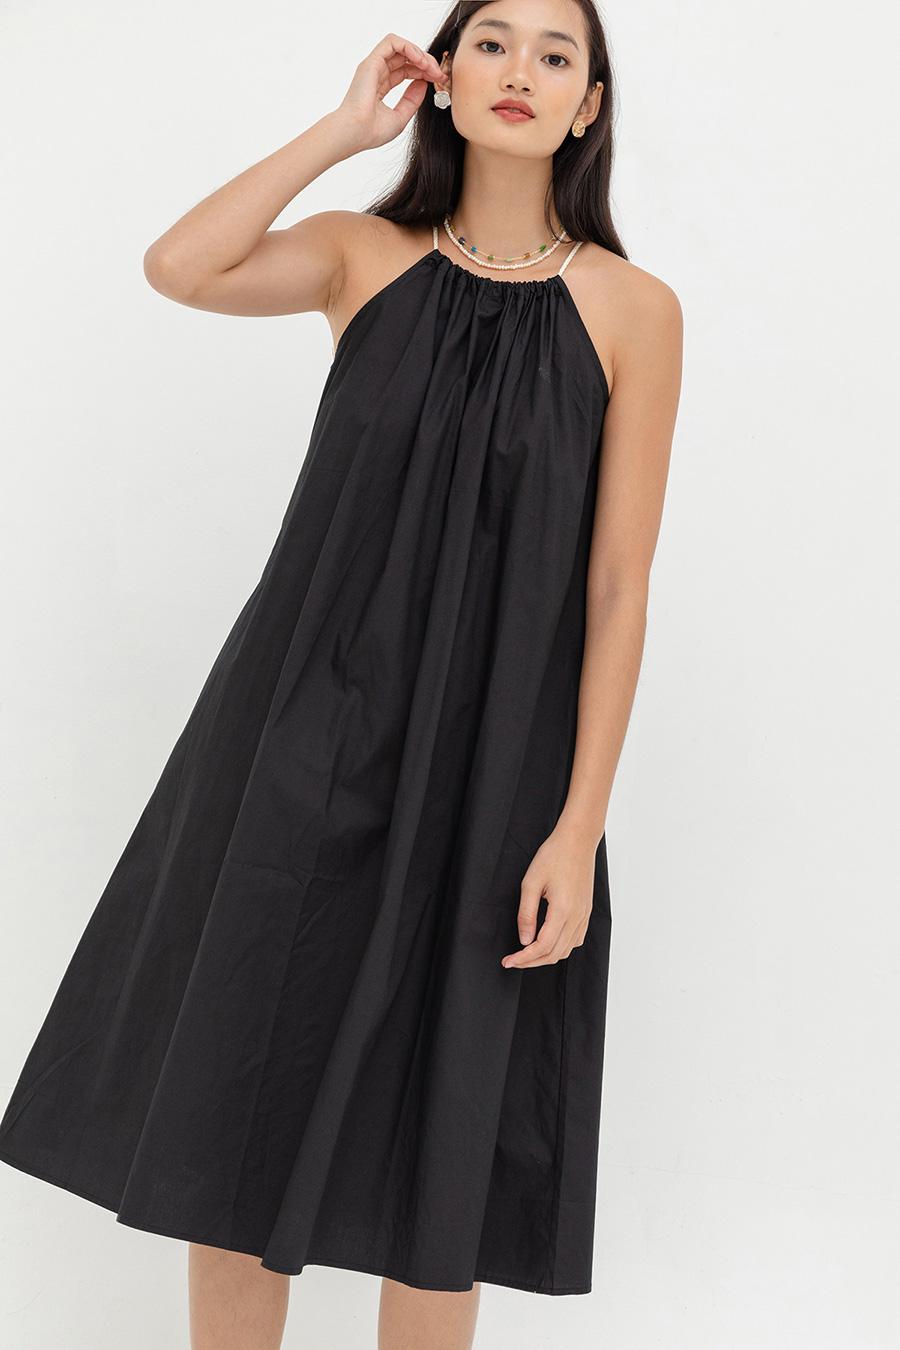 MARTIN DRESS - NOIR